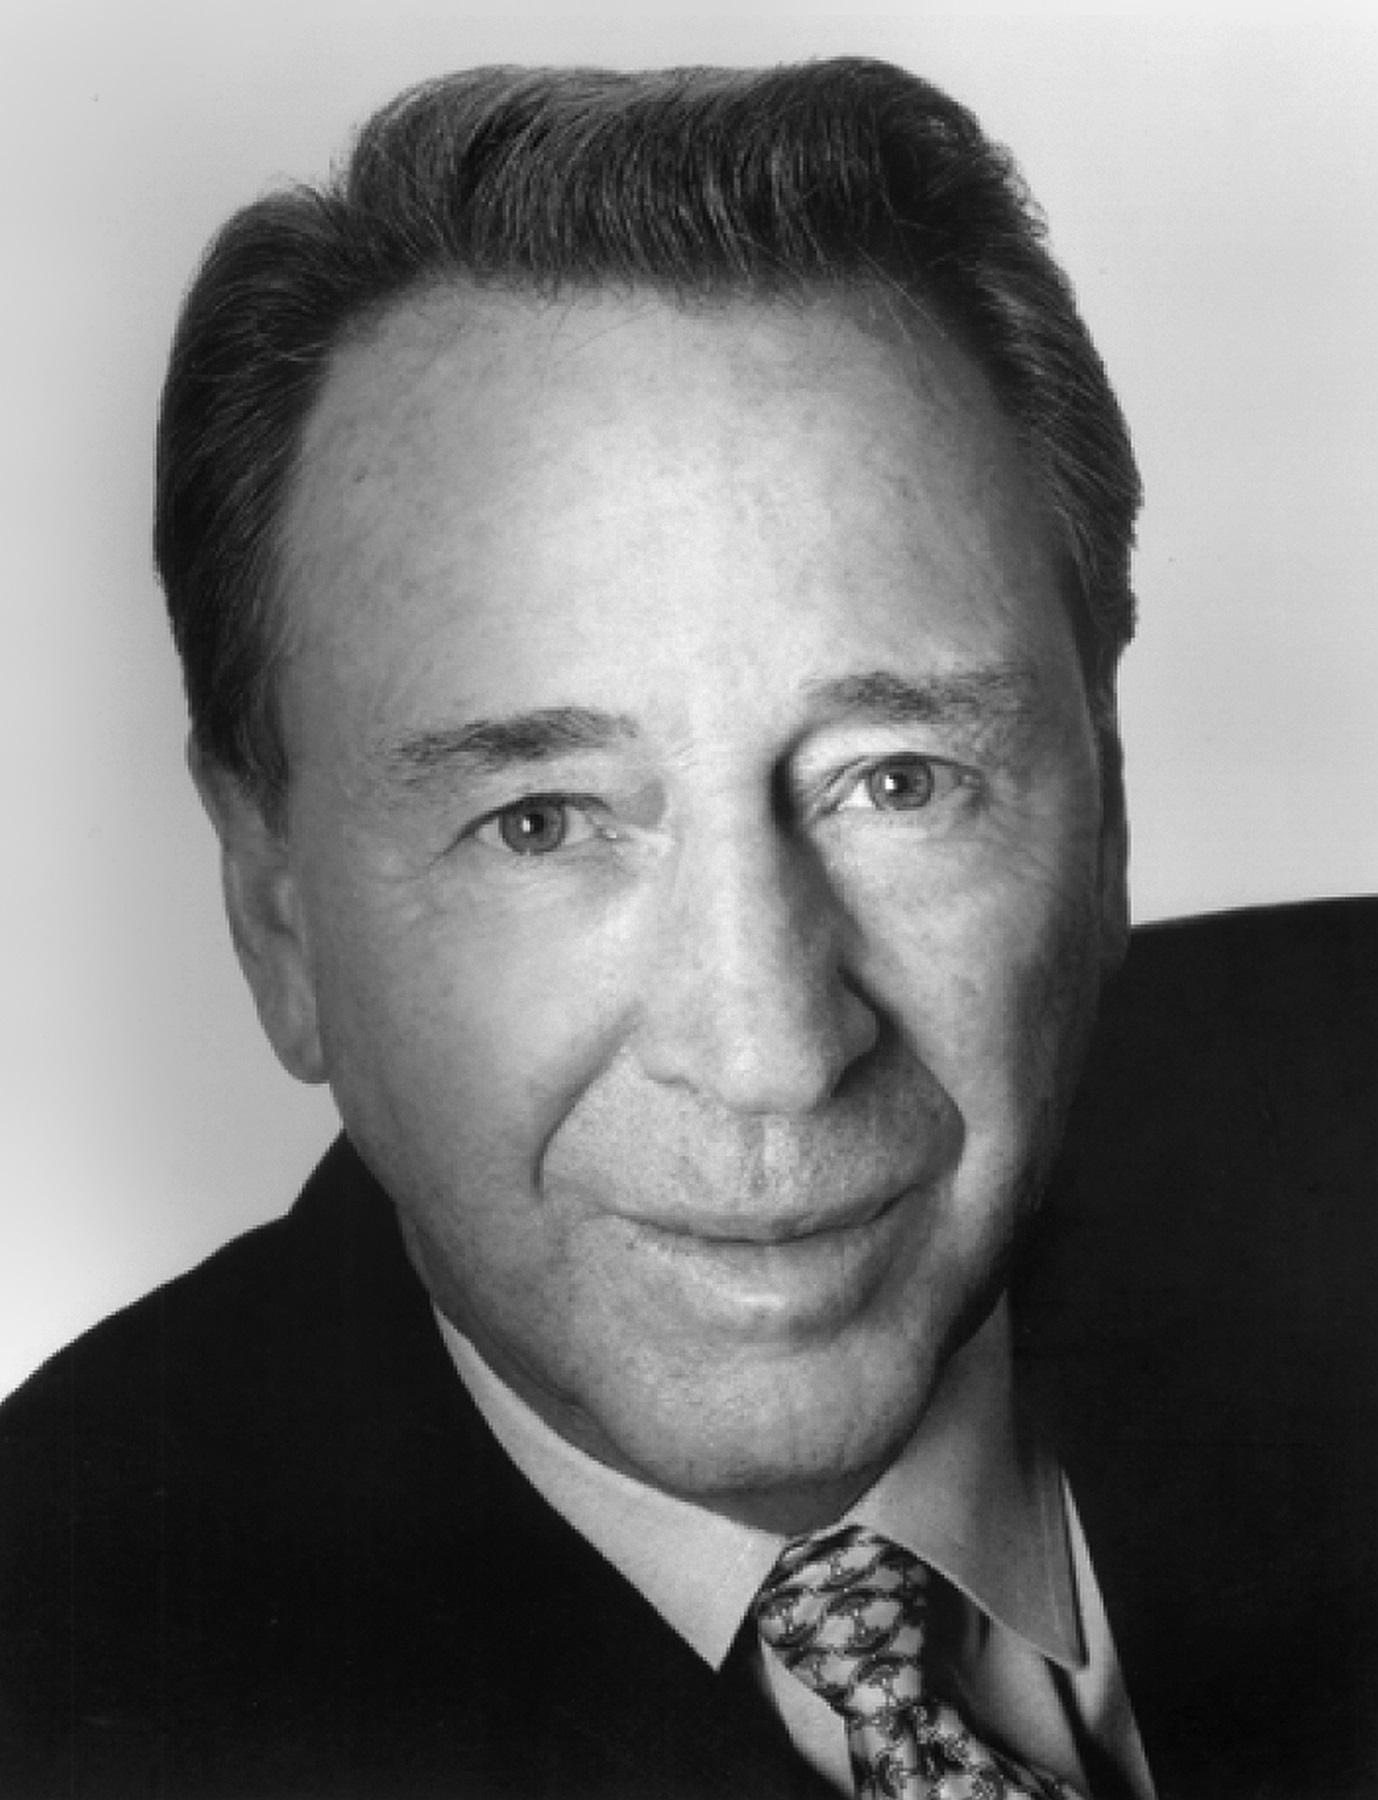 William H. Child